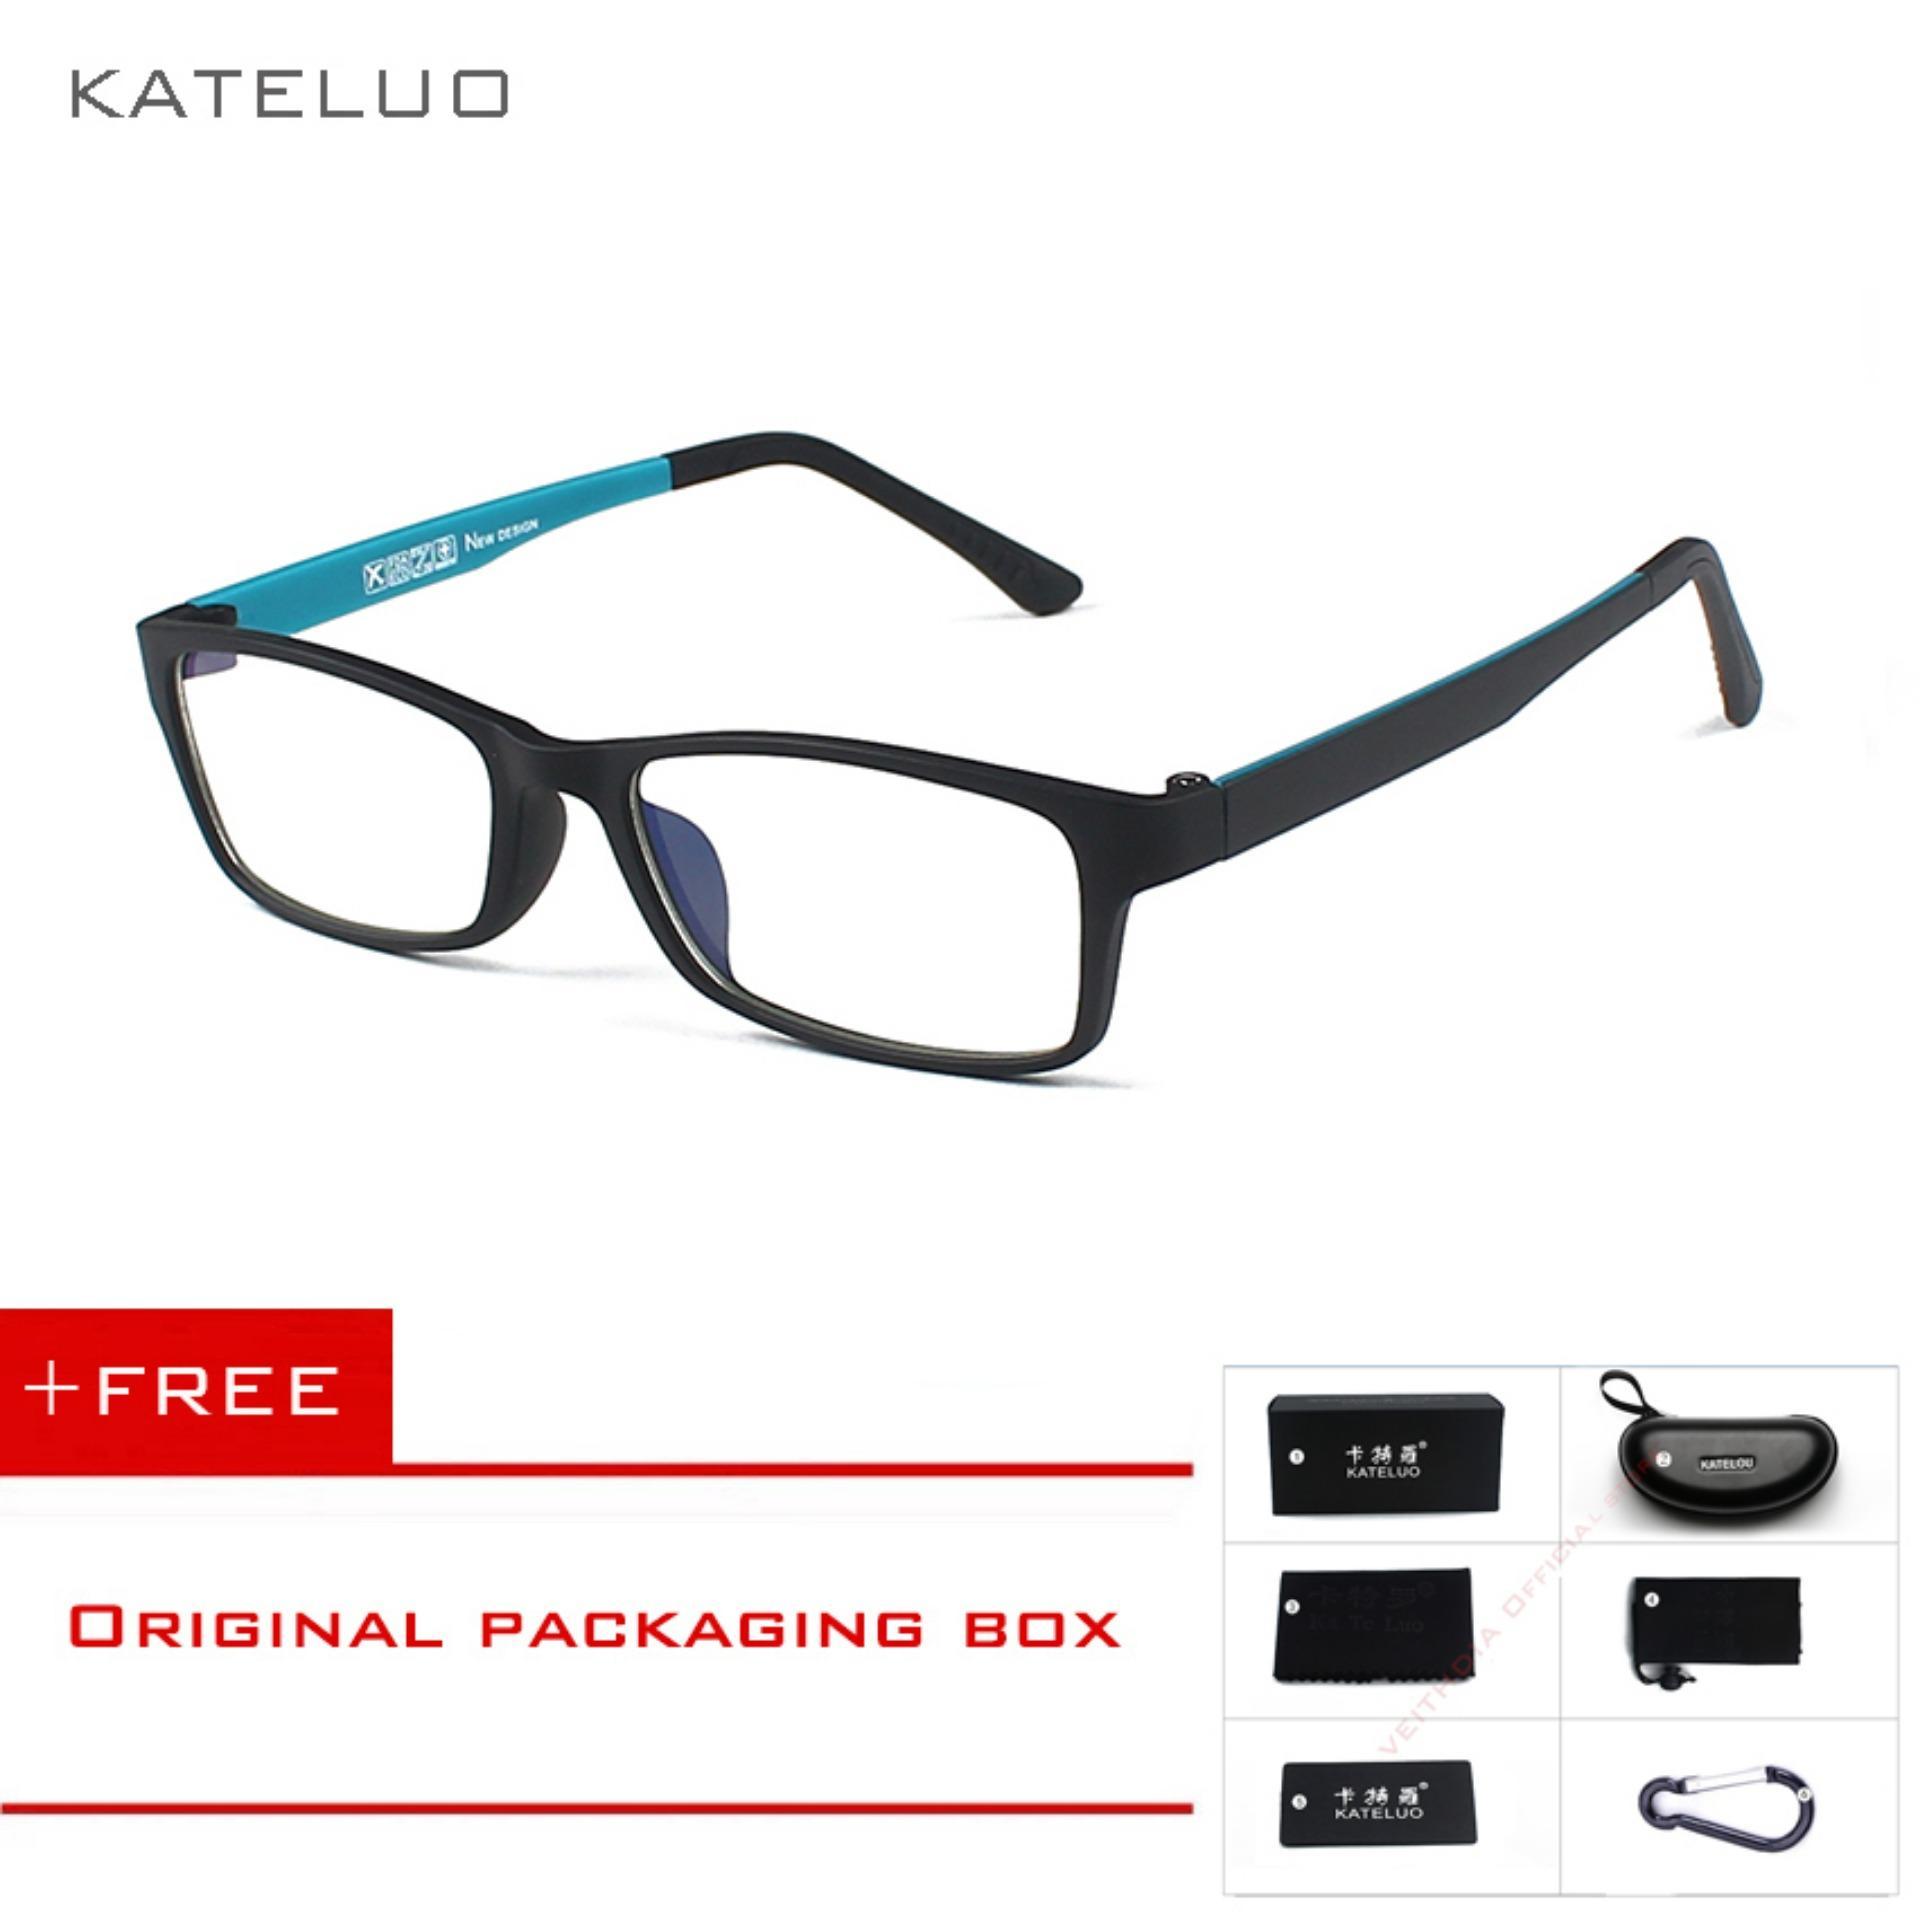 COD+Pengiriman Gratis KATELUO Kacamata Radiasi Kacamat Komputer Anti Lelah  Untuk Pria Wanita 1302 4f6c453e5c